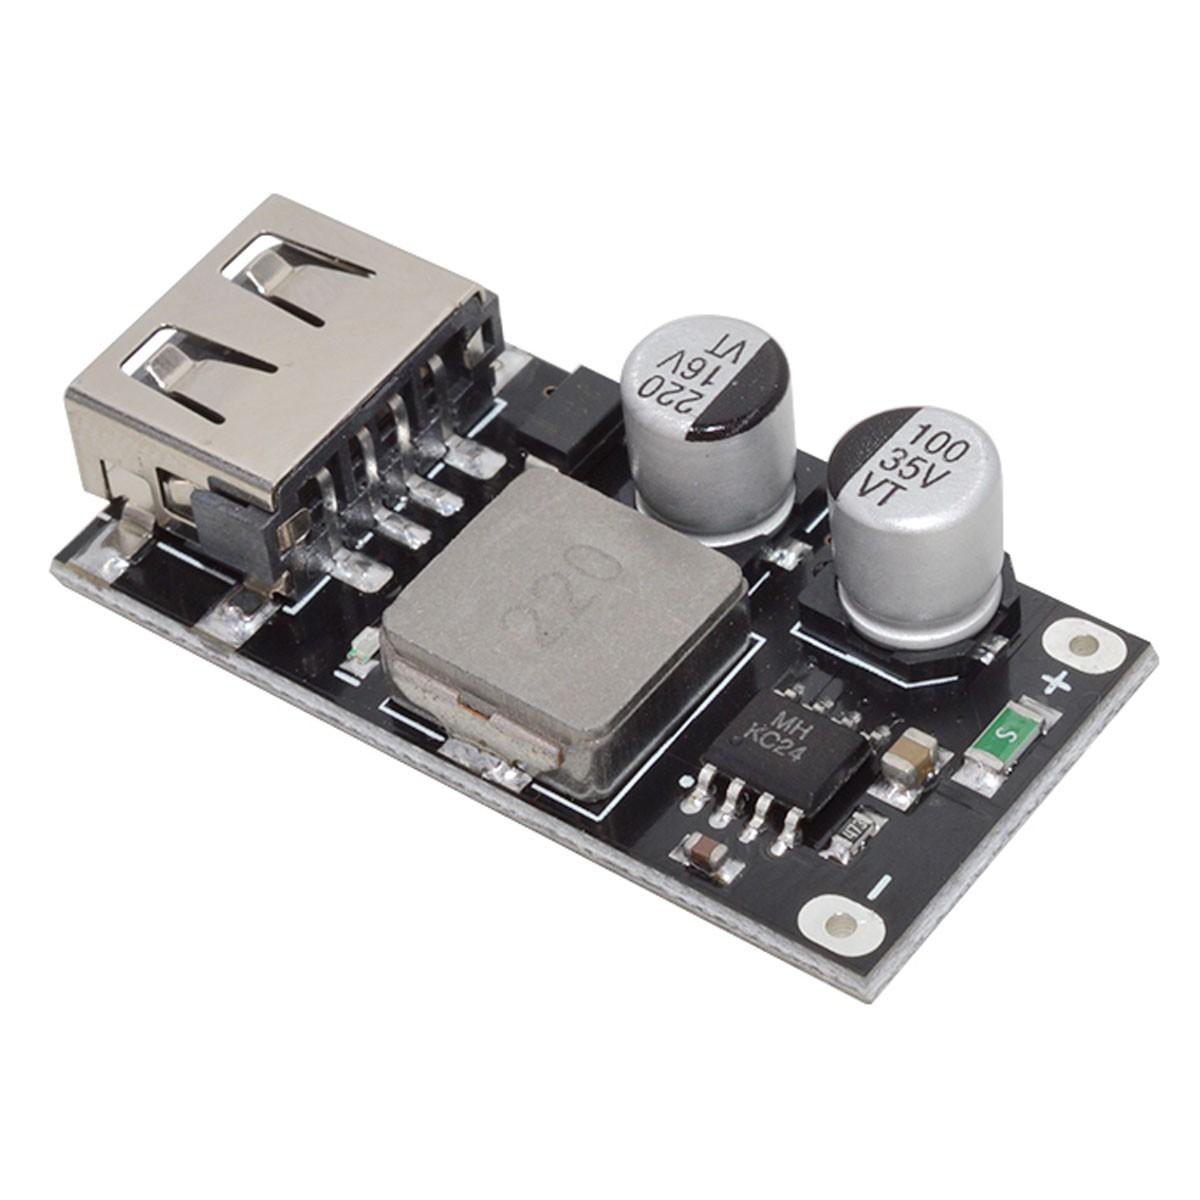 Módulo Regulador de tensão DC DC Step Down 5V p/ carregamento rápido com saída USB